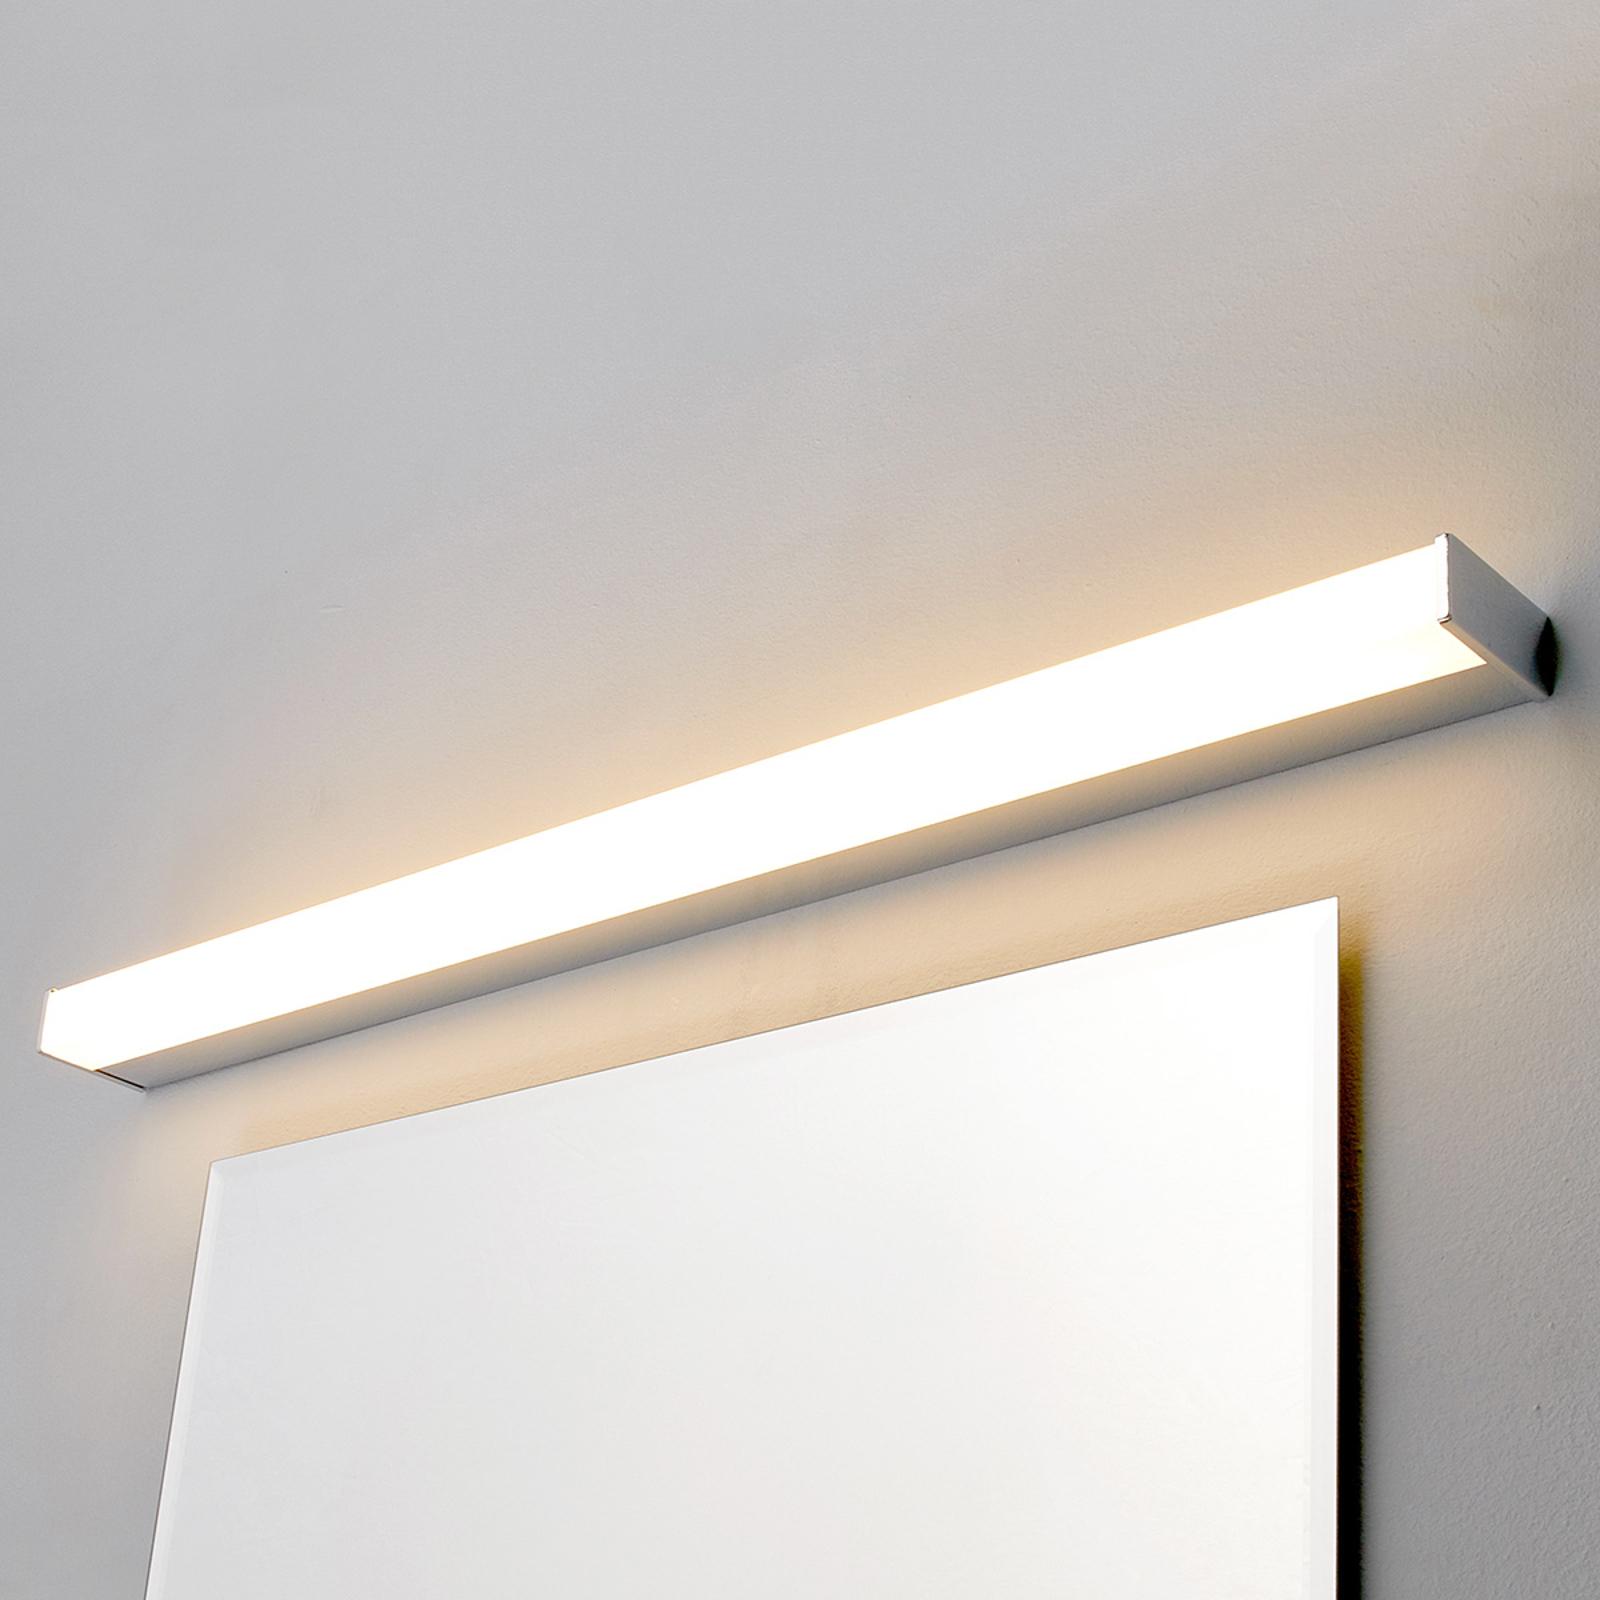 LED-badrums-/spegellampa Philippa kantig, 88cm